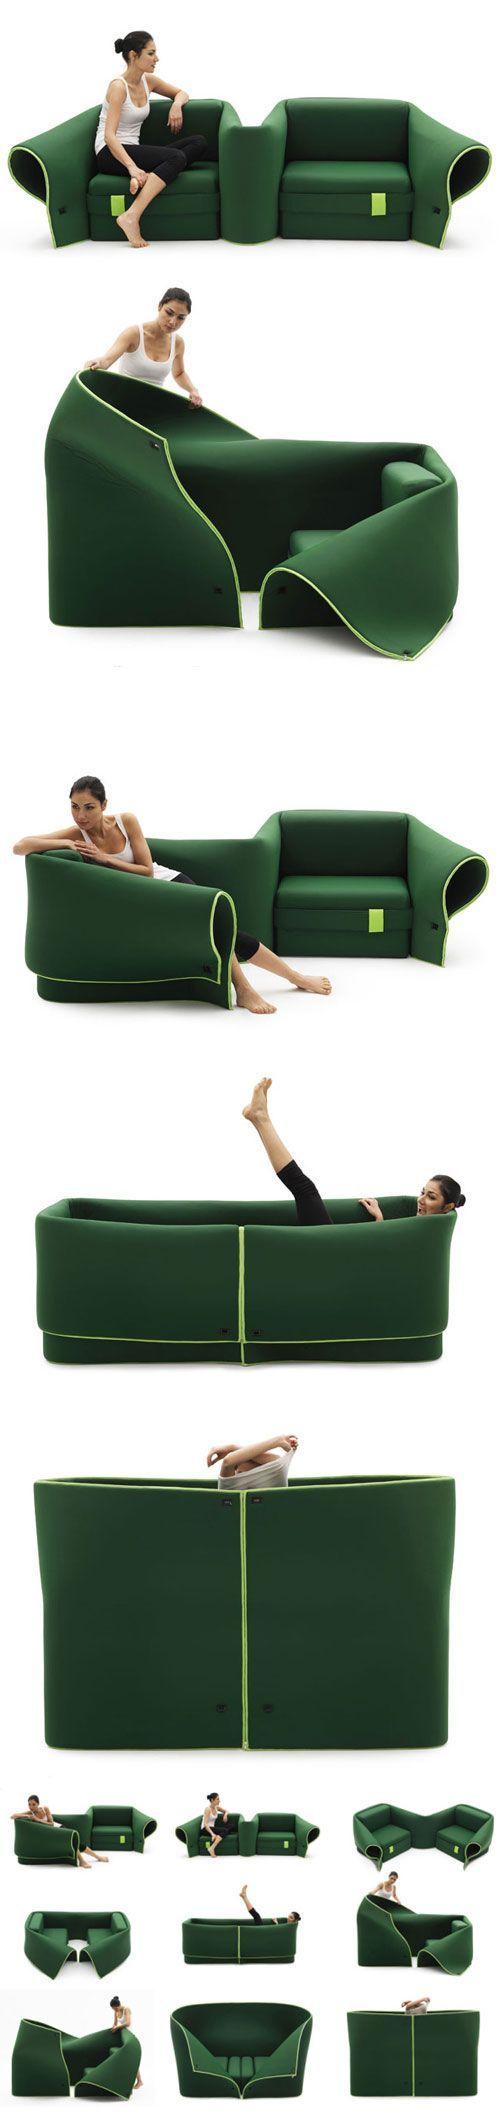 Diseño de muebles - Sosia emanuele Magini